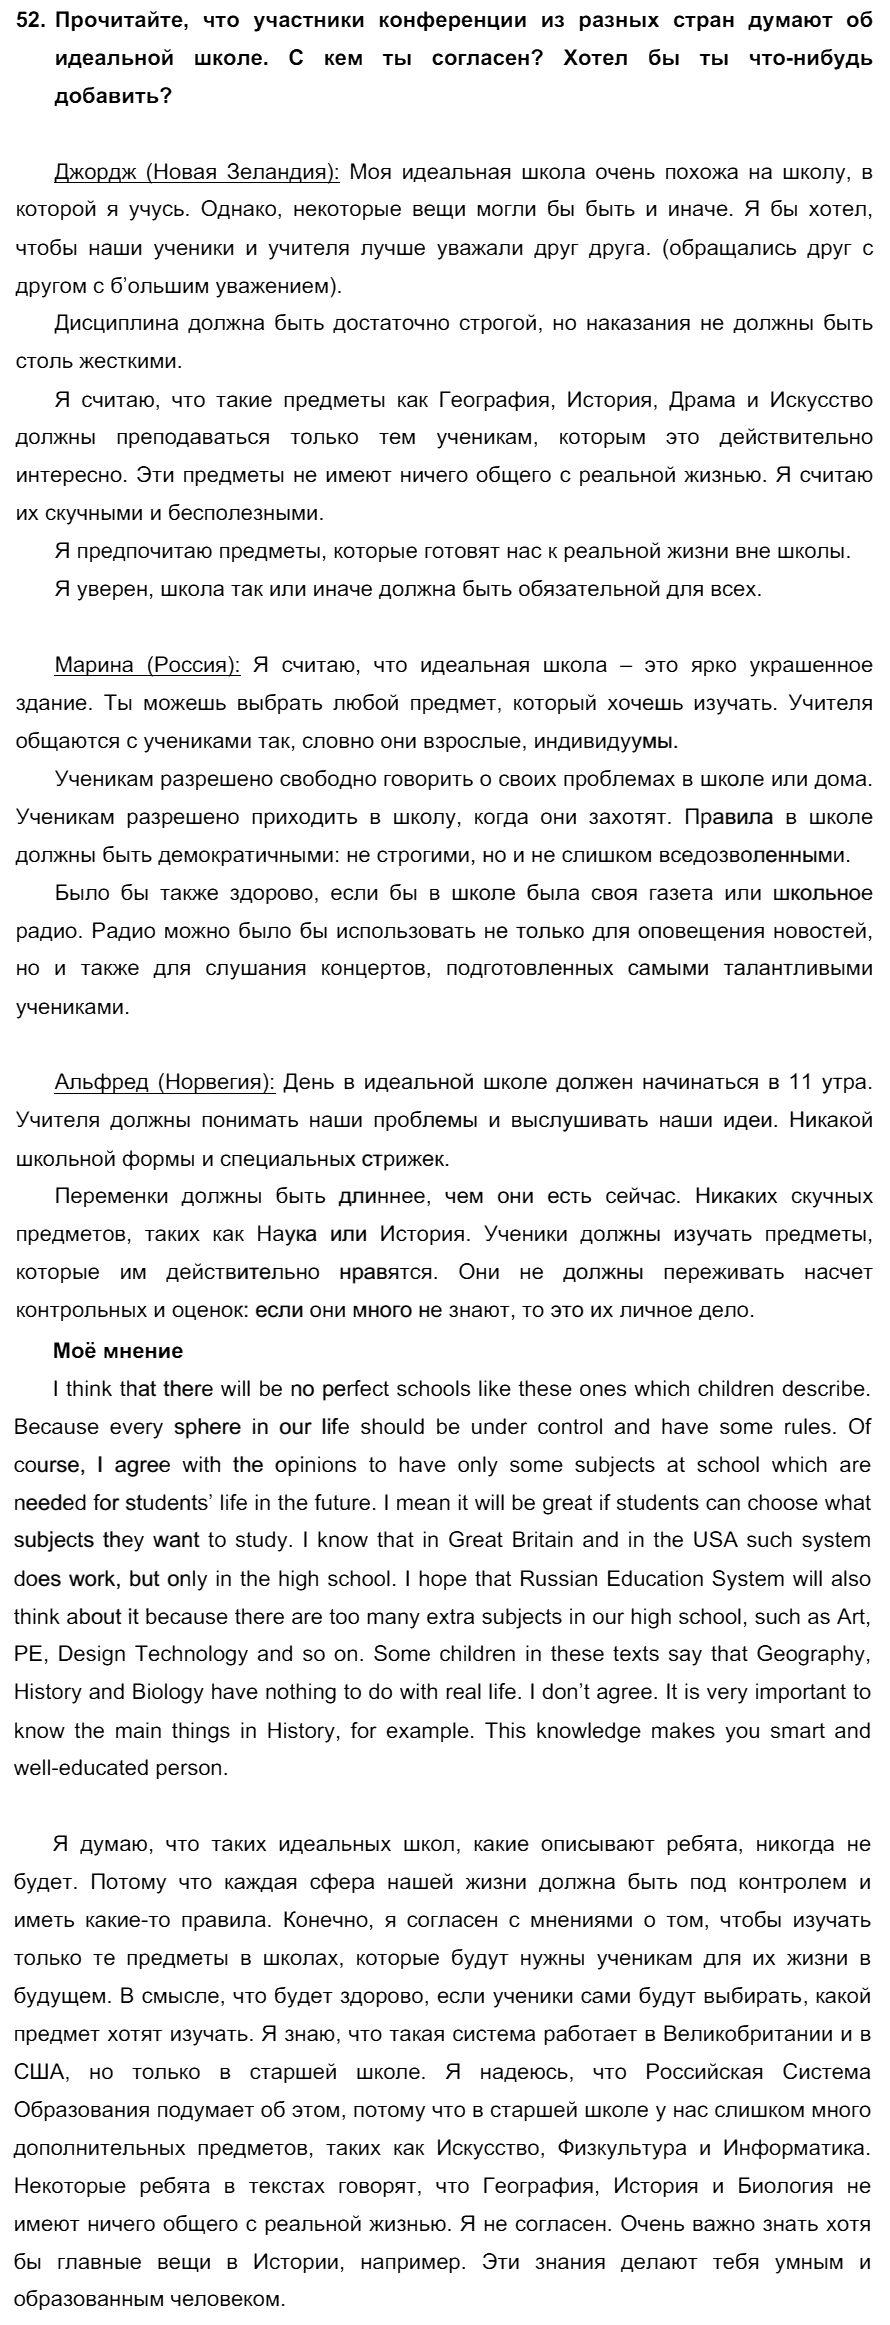 Английский язык 7 класс Биболетова М. З. Unit 3. Взгляните на проблемы подростков: школьное образование / Разделы 1-9: 52